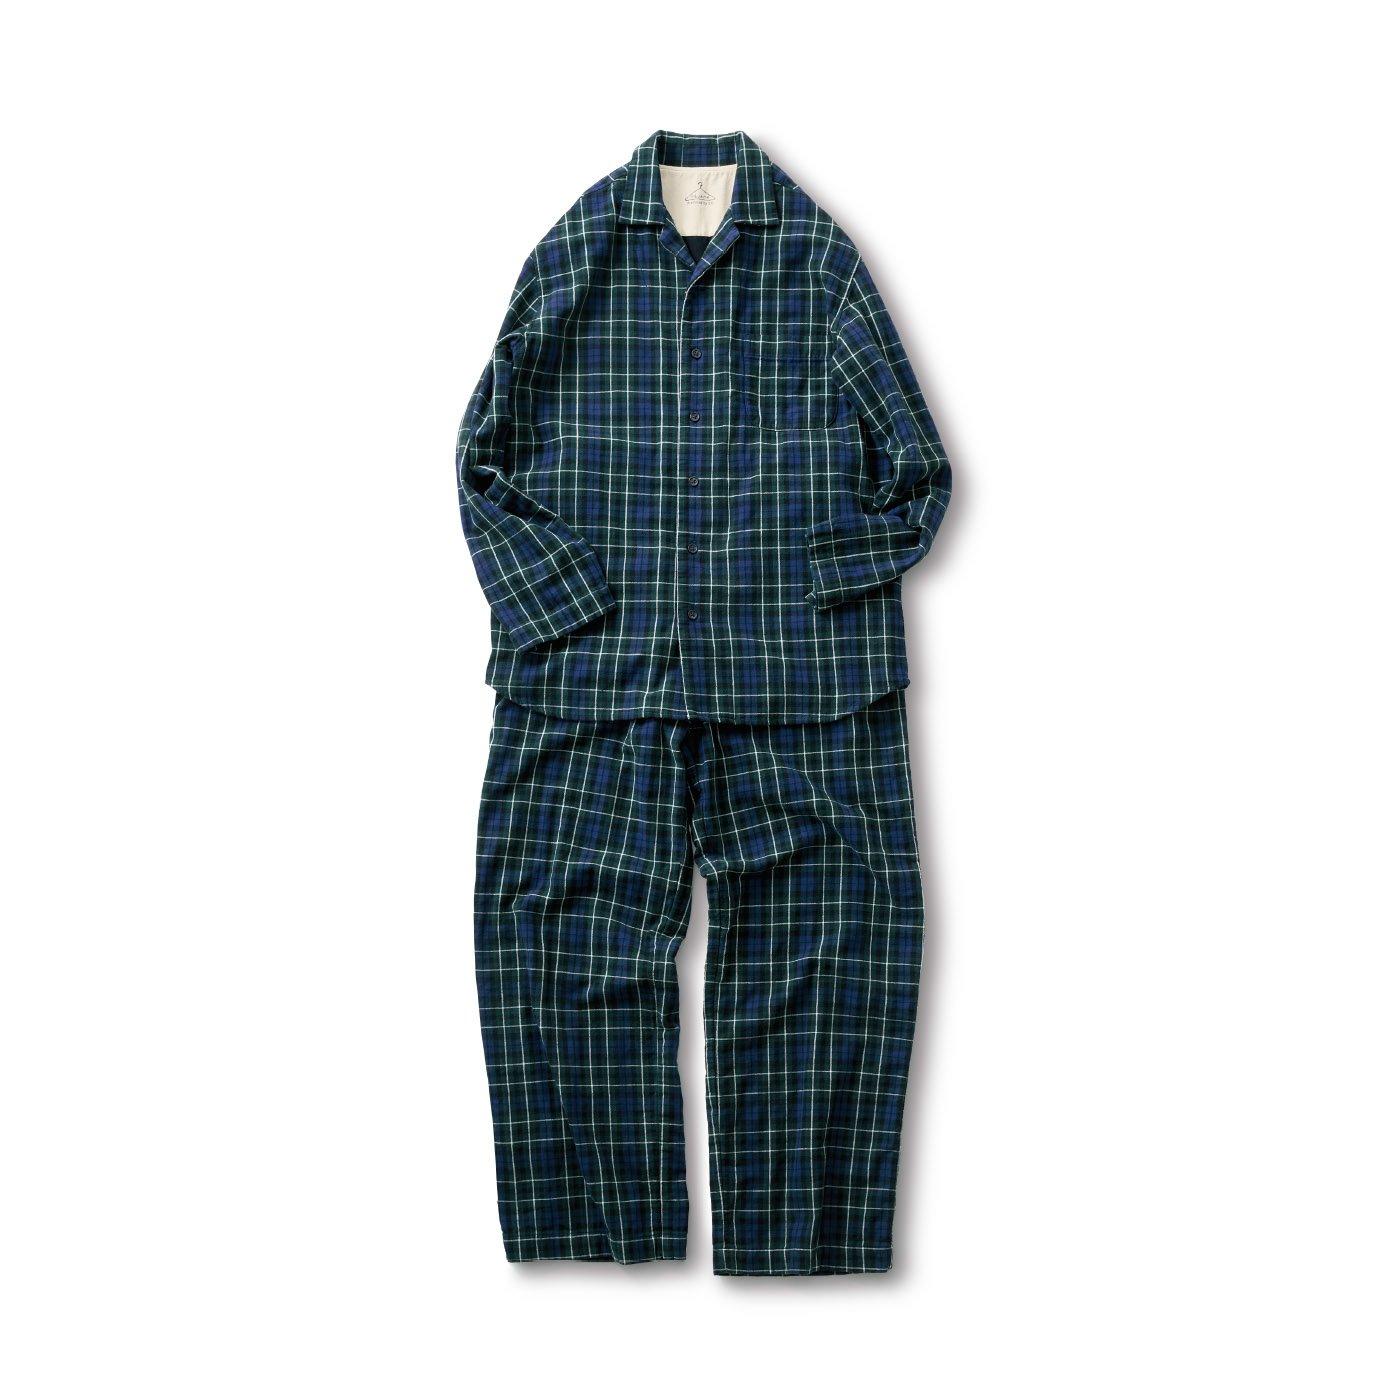 サニークラウズ チェックのパジャマ〈メンズ〉